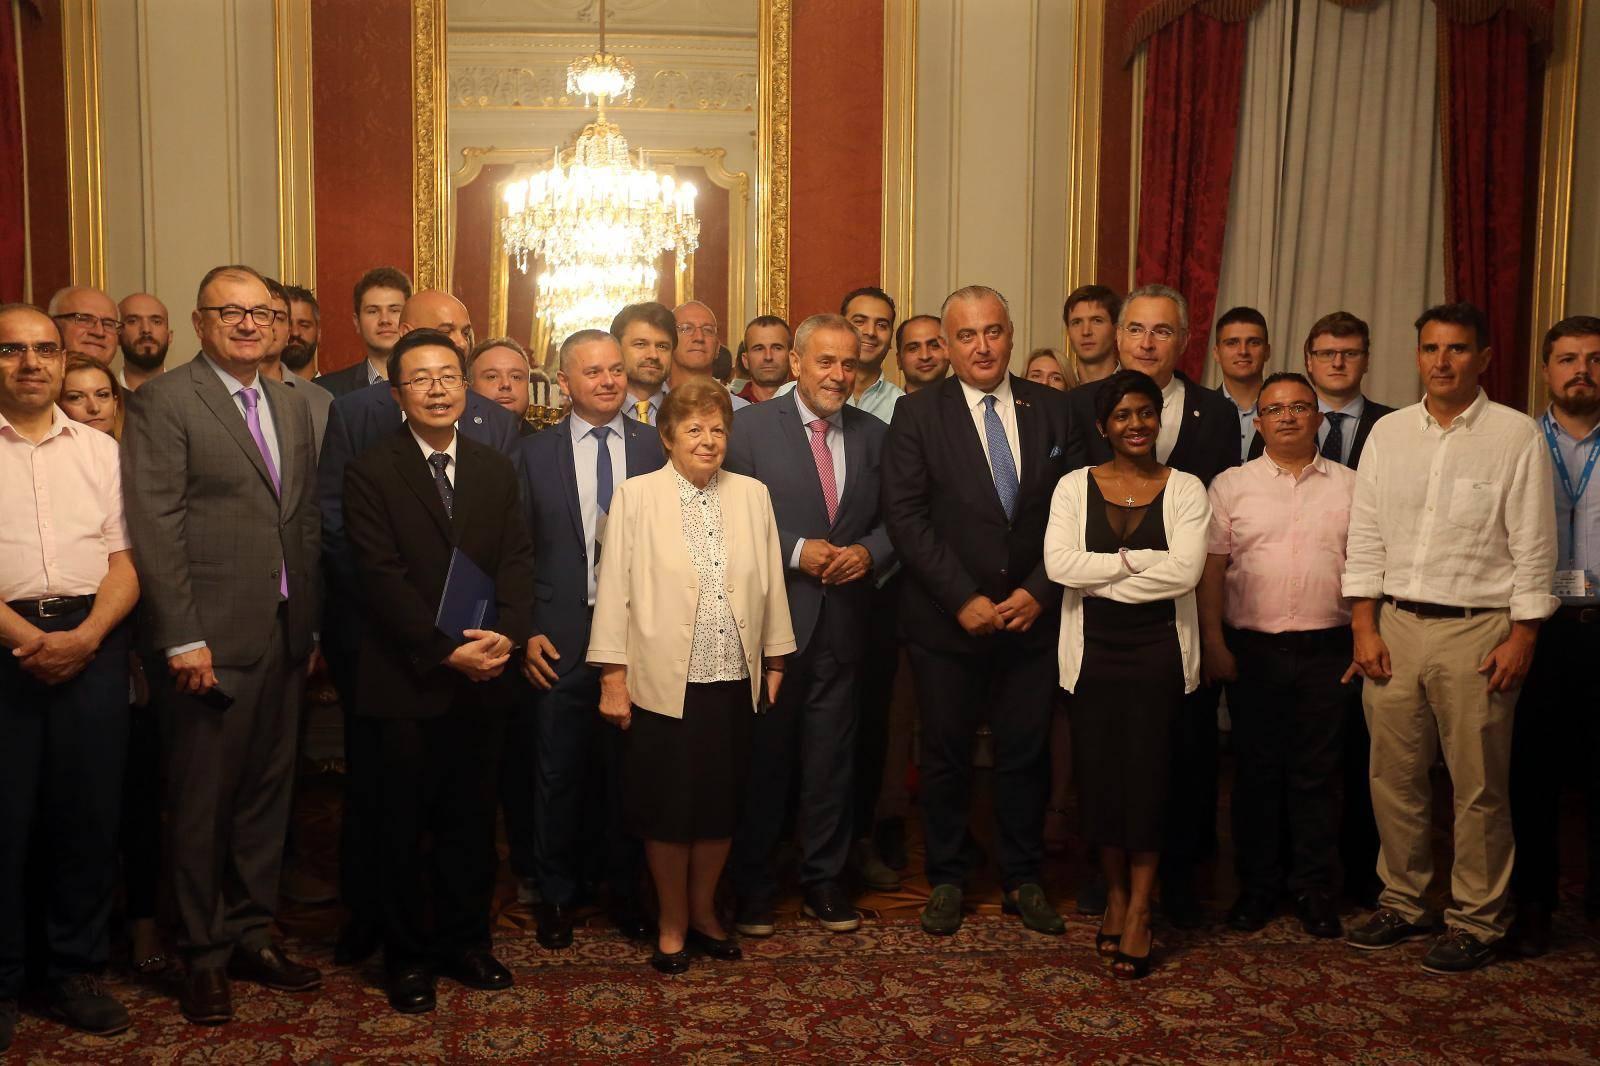 Vodeći neurokirurzi u Zagrebu kolegama dijele svoja znanja